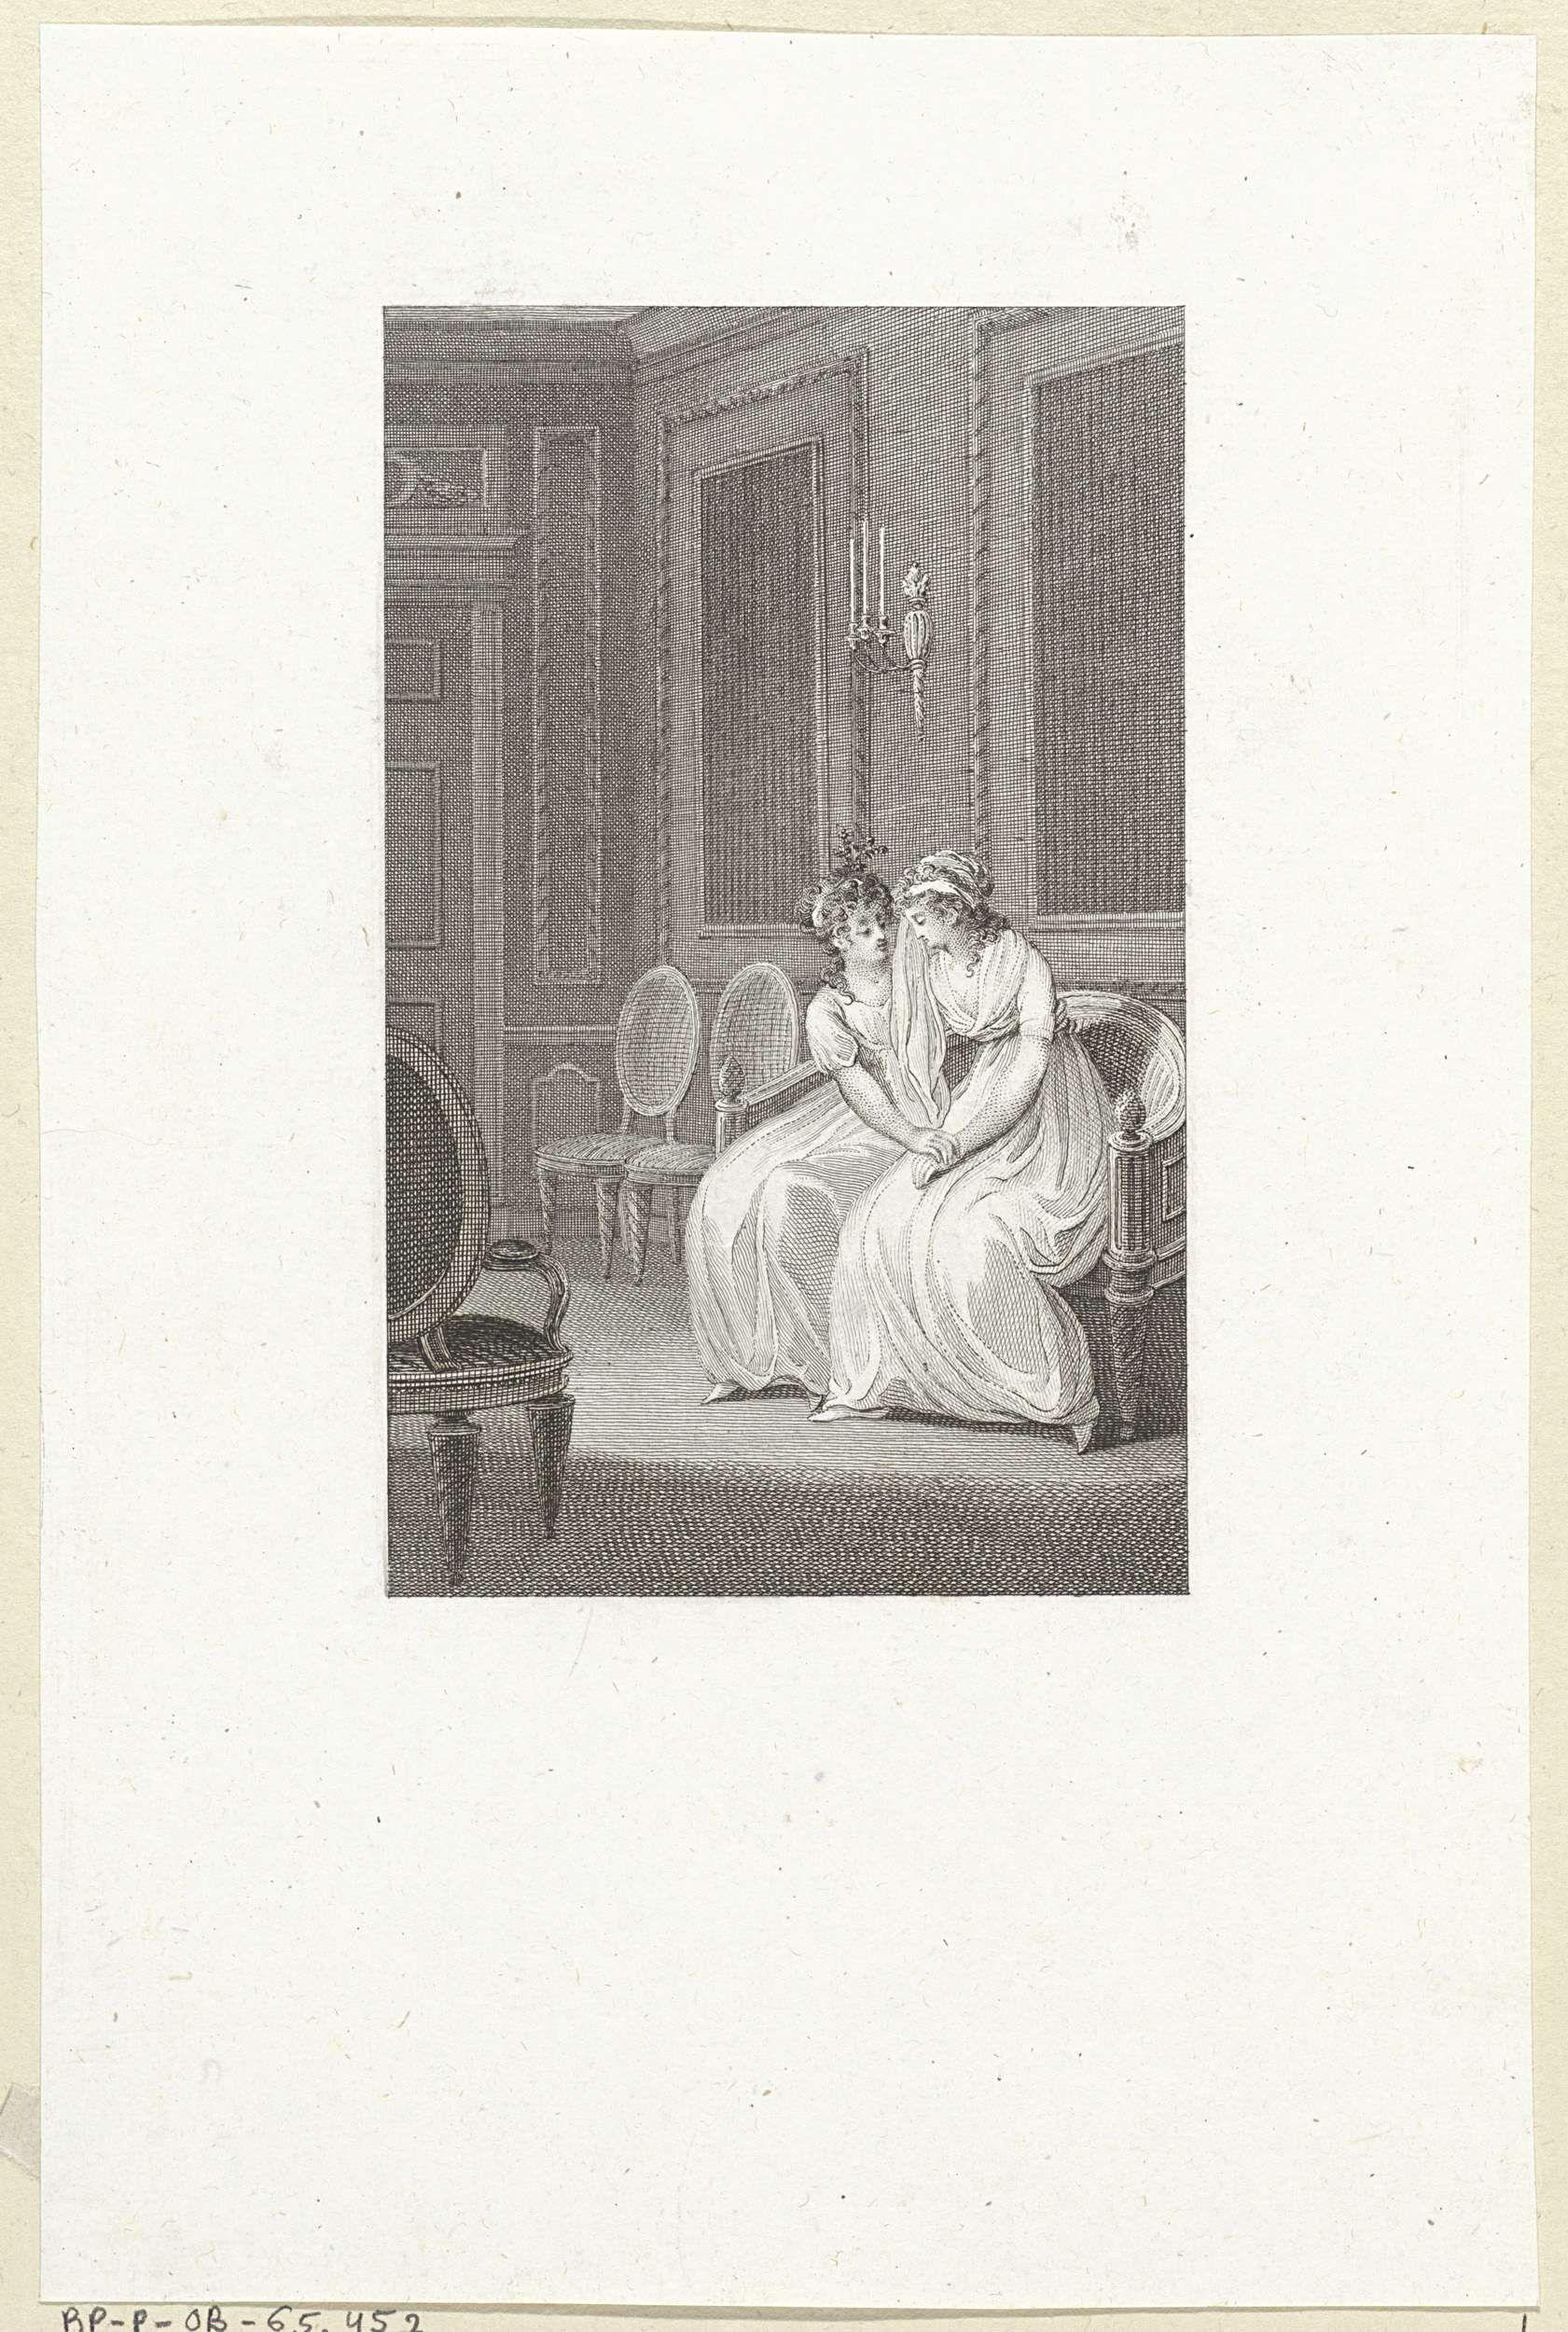 Reinier Vinkeles | Jonge vrouw troost haar huilende vriendin, Reinier Vinkeles, 1751 - 1816 |